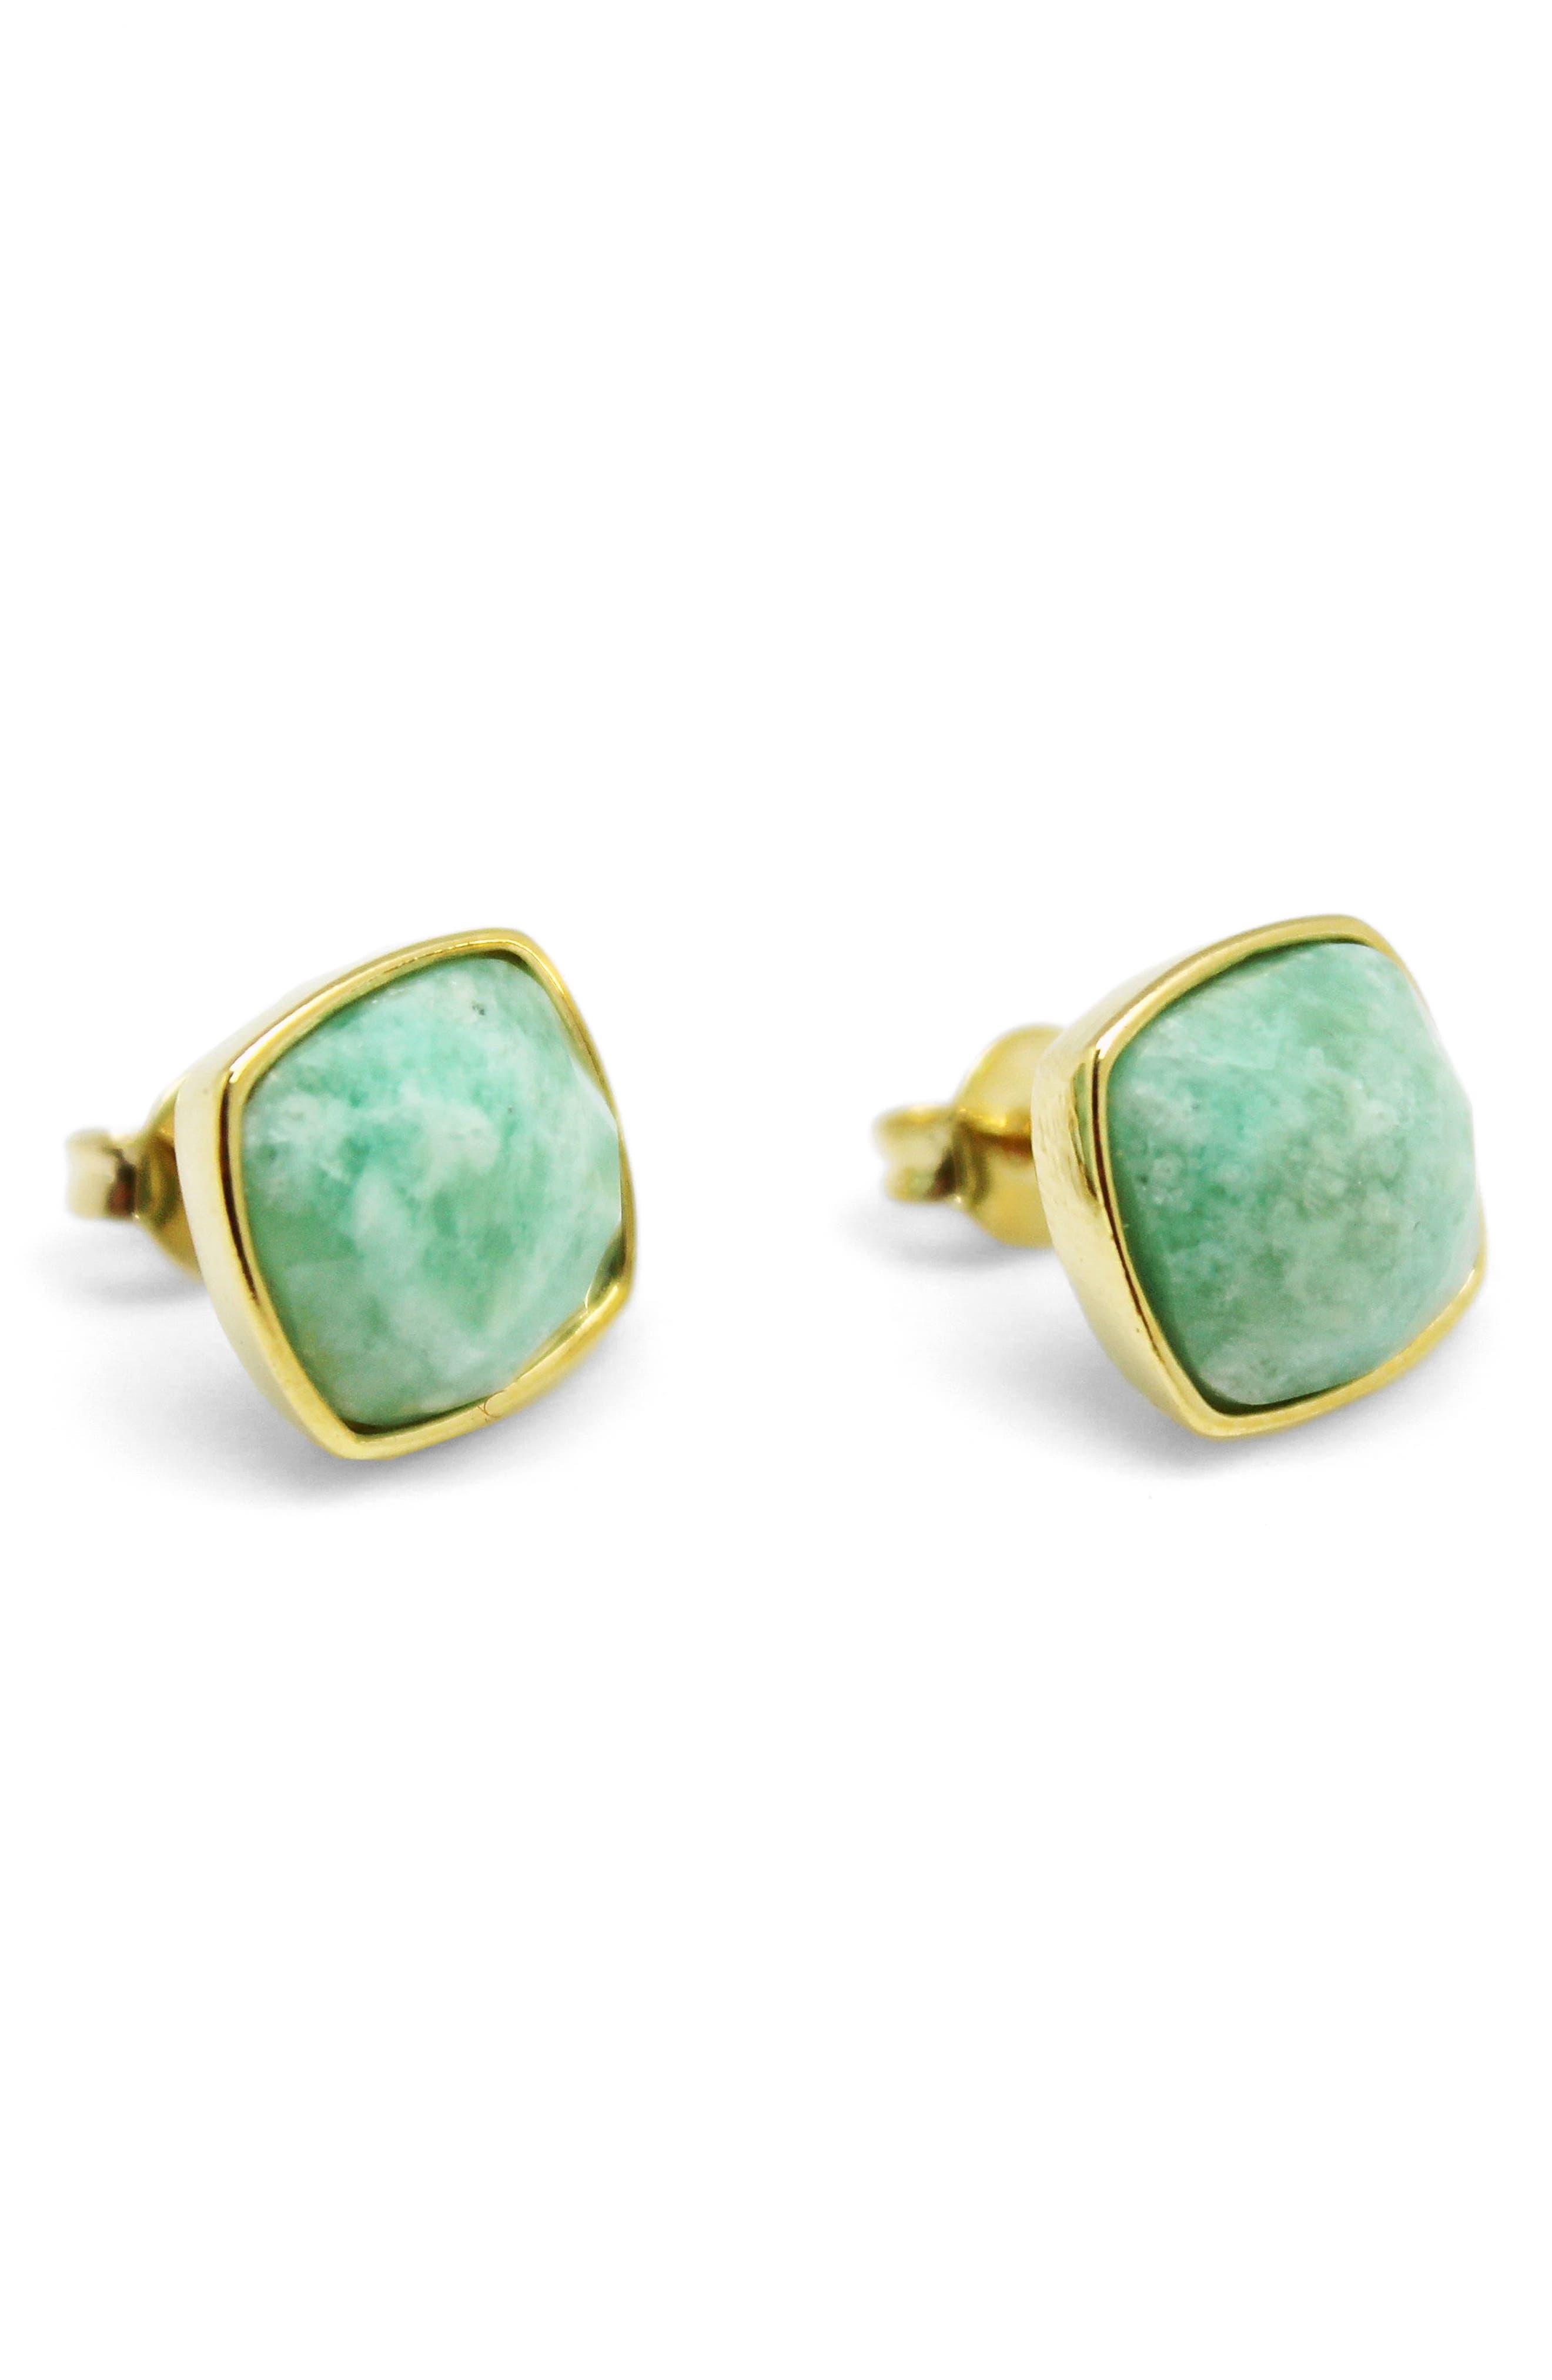 Square Amazonite Stud Earrings,                             Main thumbnail 1, color,                             400